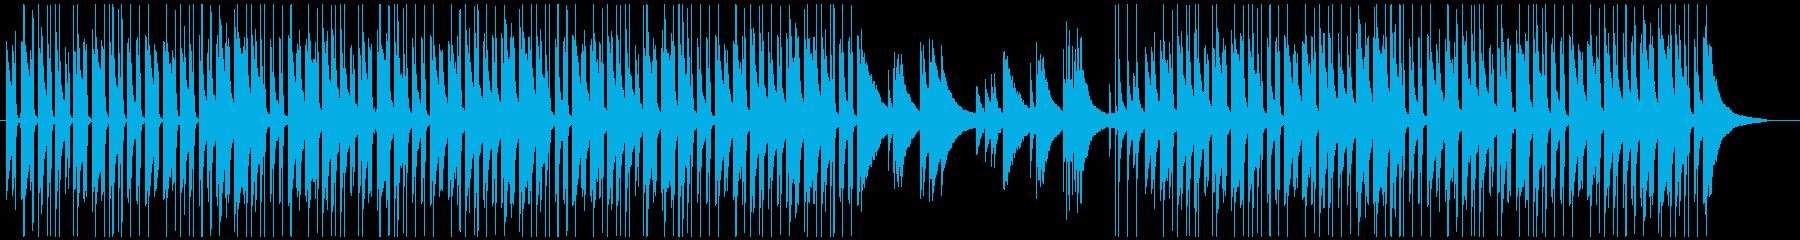 ほのぼのとした雰囲気のウクレレの再生済みの波形